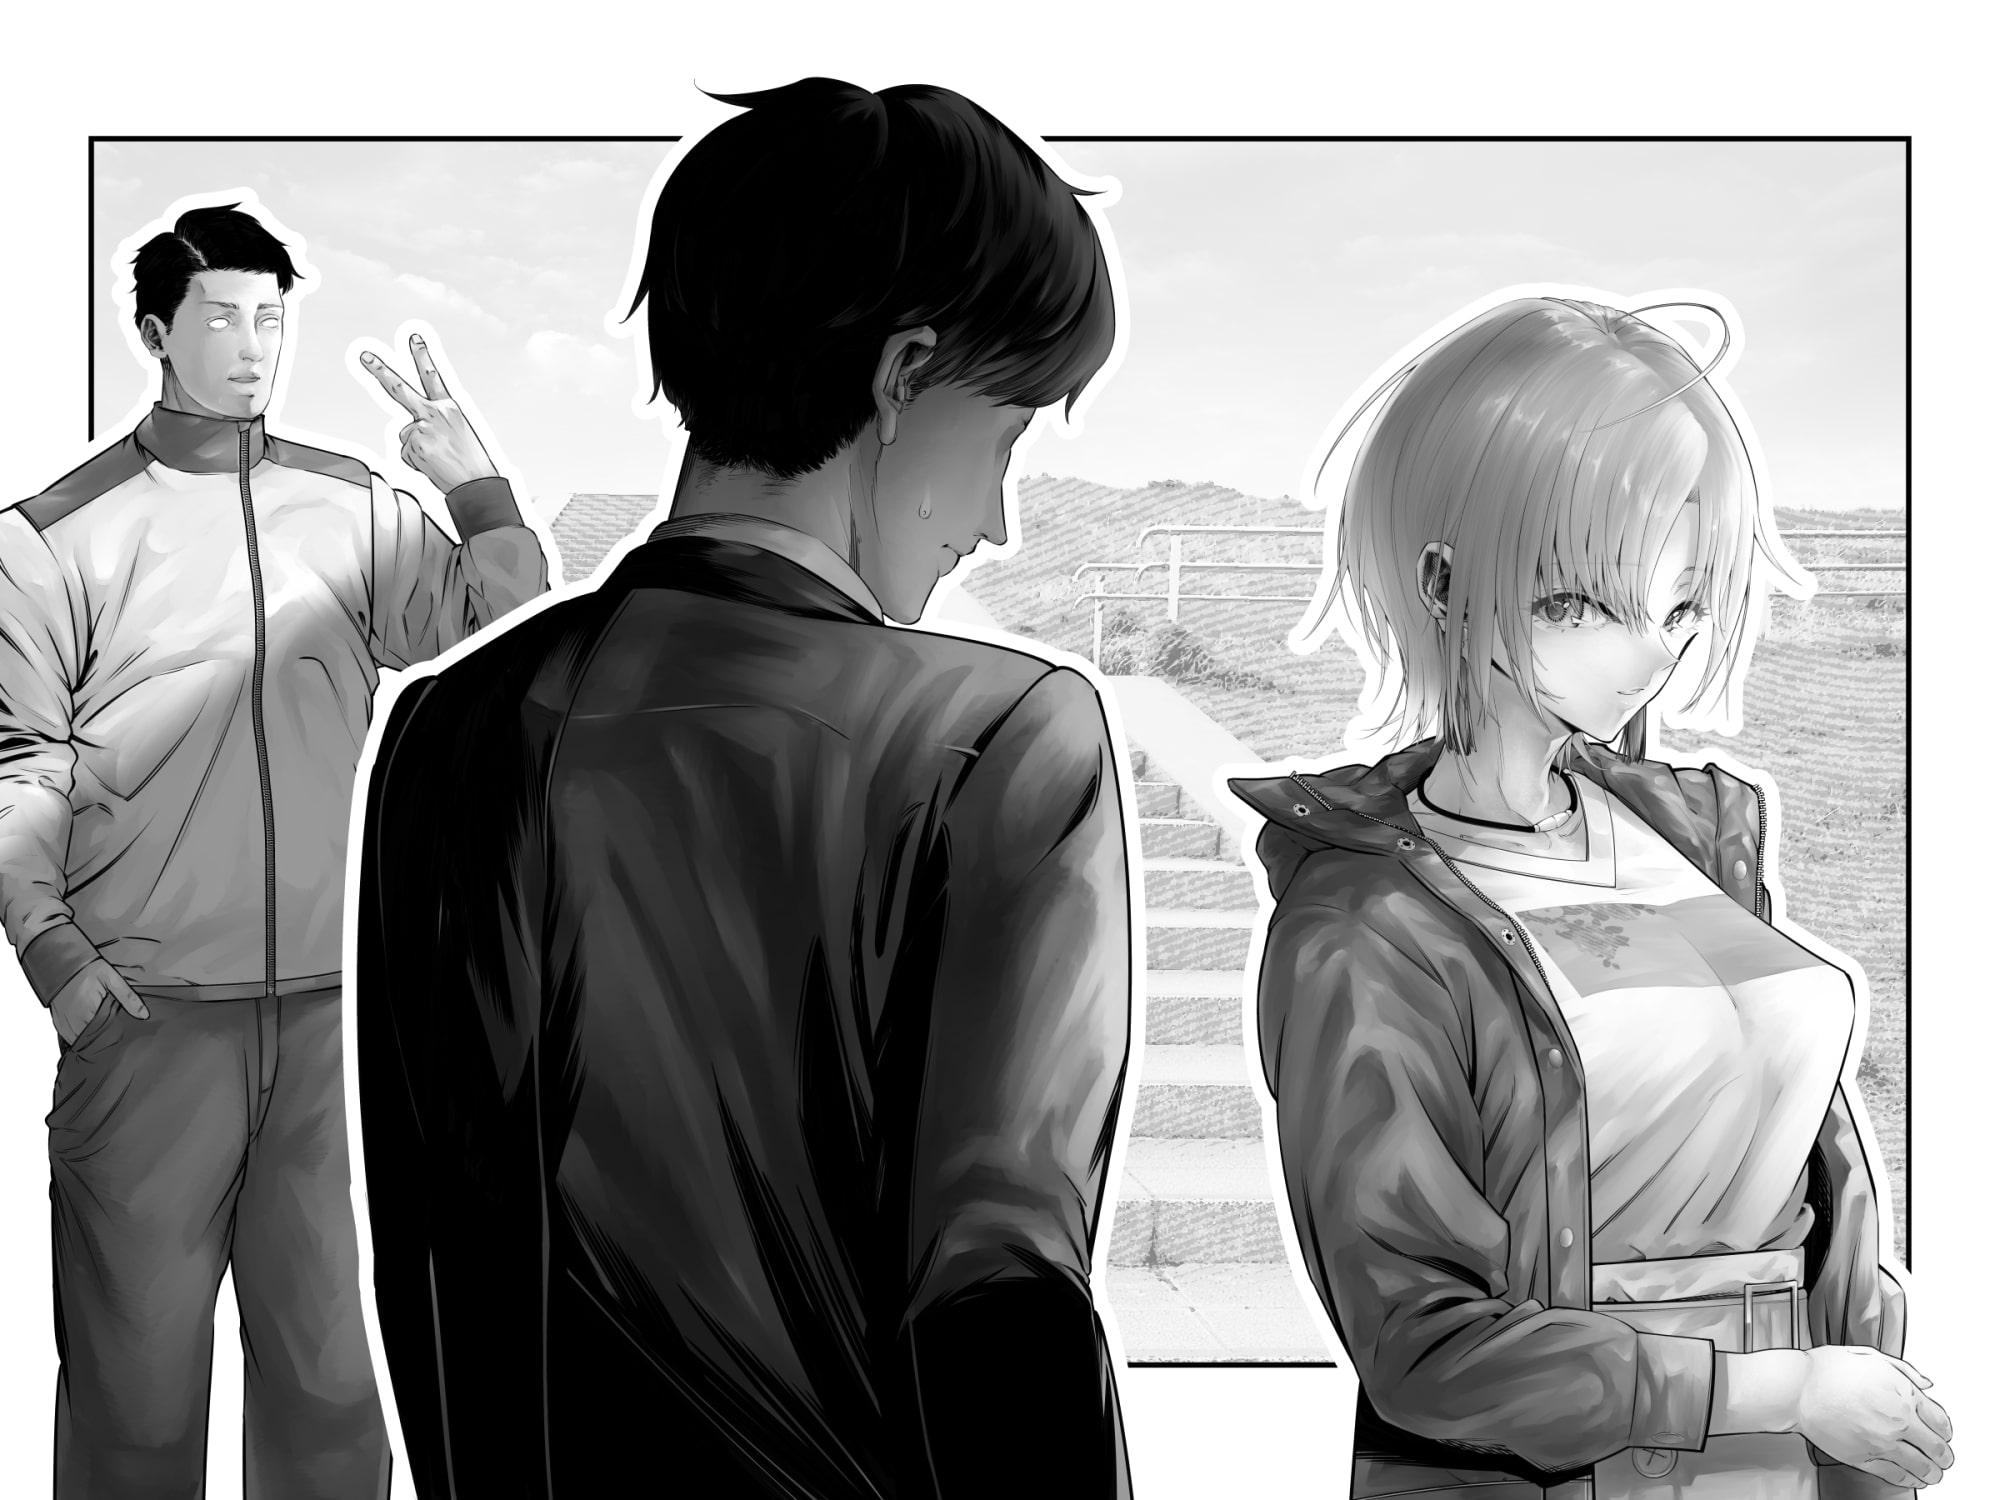 -浅▲透-身代わり強制メス媚び【同人エロ漫画】(つちくだマテリアル)3